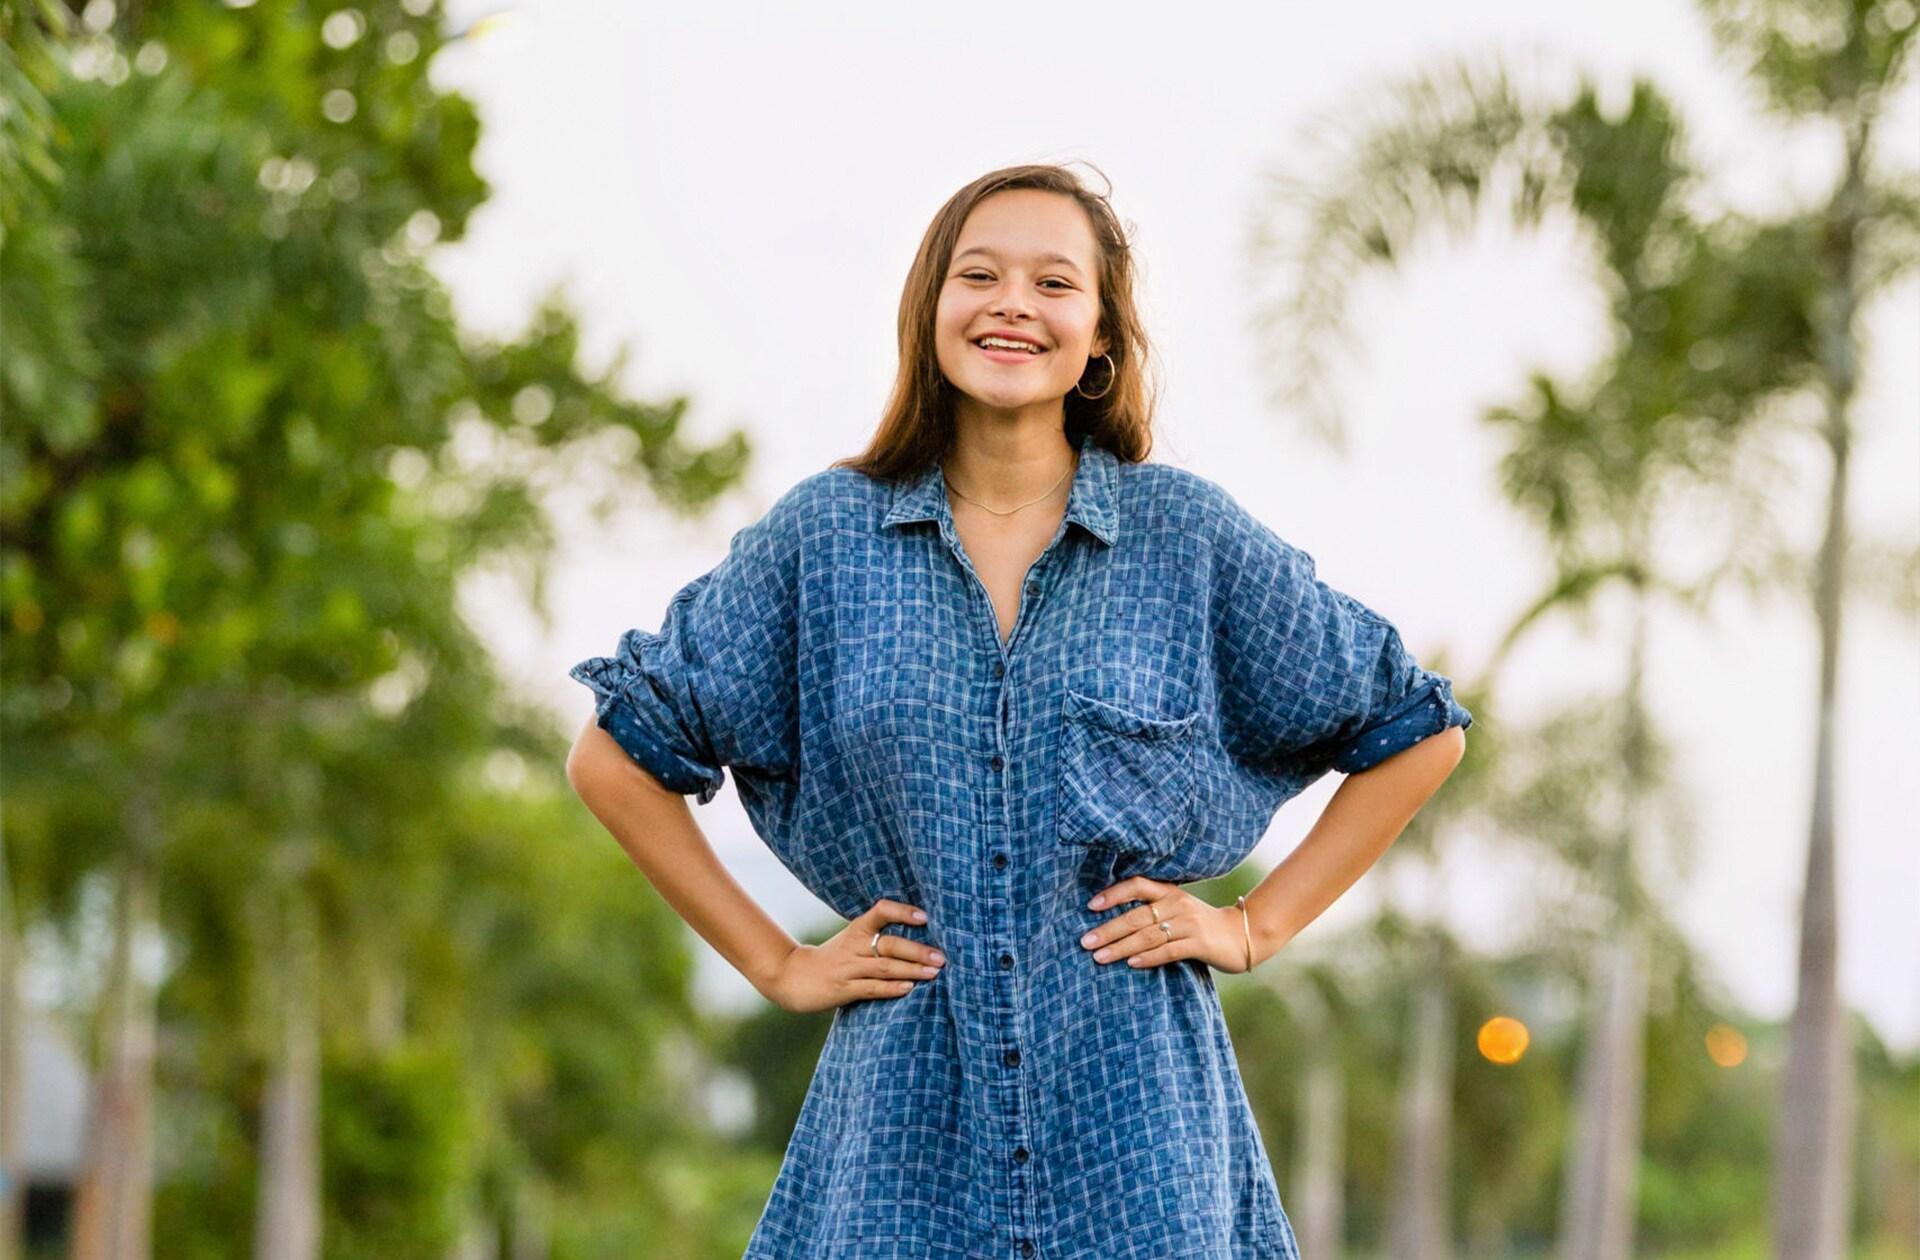 Aktivistka Melati Wijsen (20) je že pri 12 letih ustanovila pobudo Bye Bye Plastic Bags, ki si prizadeva za prepoved plastike za enkratno uporabo na otoku Bali. Njen najnovejši projekt YOUTHOPIA je globalna platforma, katere namen je opolnomočiti generacijo ustvarjalcev sprememb in jim predati orodja, ki jih potrebujejo za pozitivne spremembe.